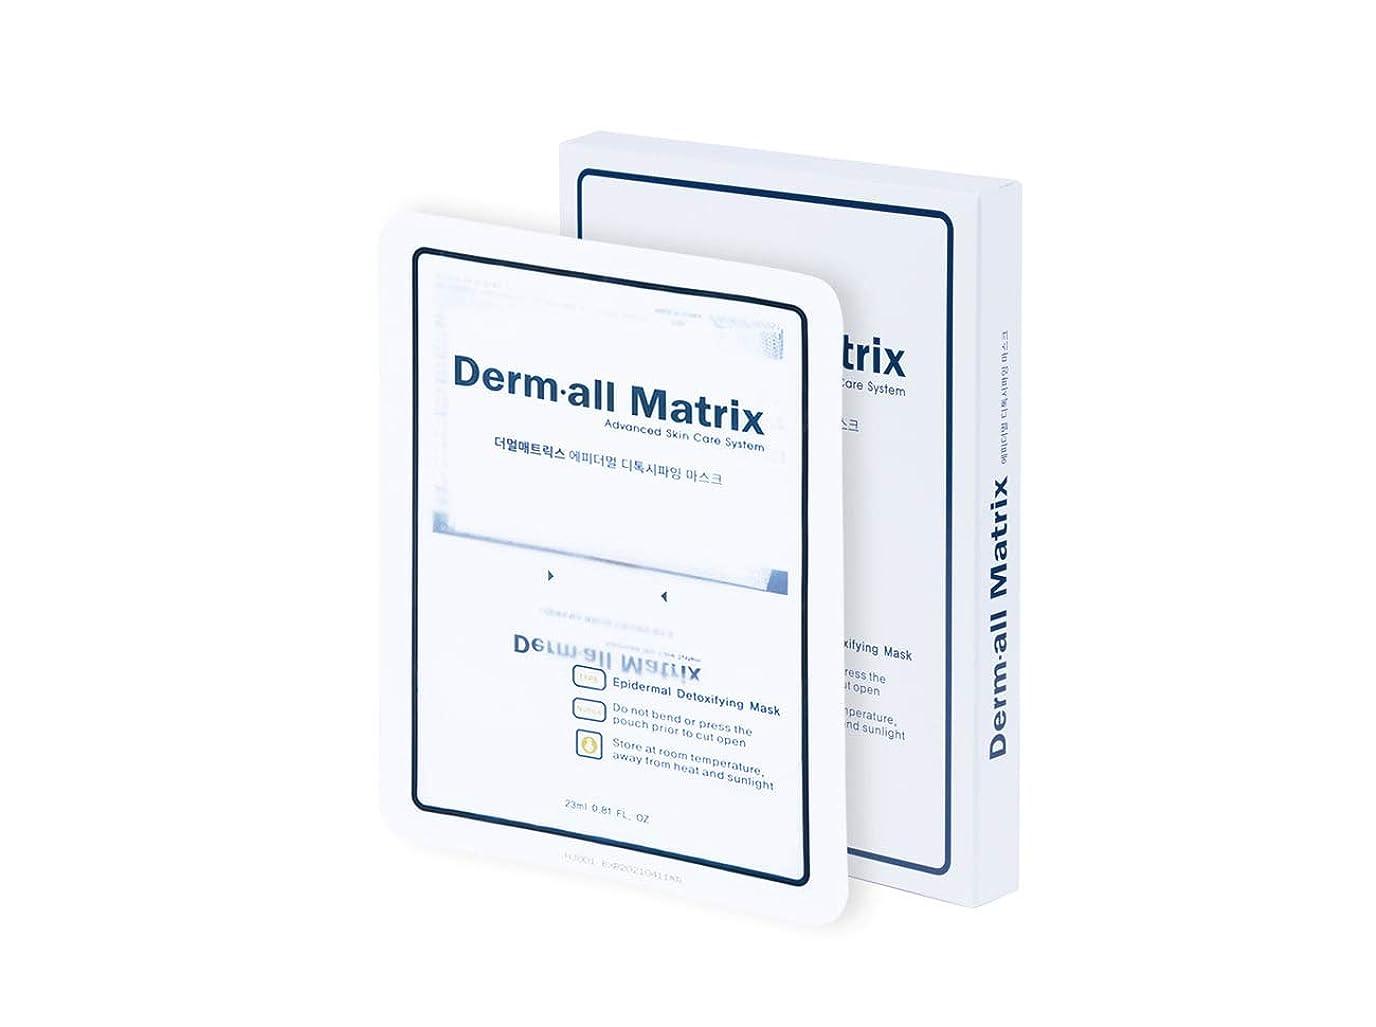 航空機入植者誘発するDermall Matrix エピダーマル デトキシファイング マスク 1パック(4枚)/Epidermal Detoxifying Mask 1pack(4sheets) [並行輸入品]